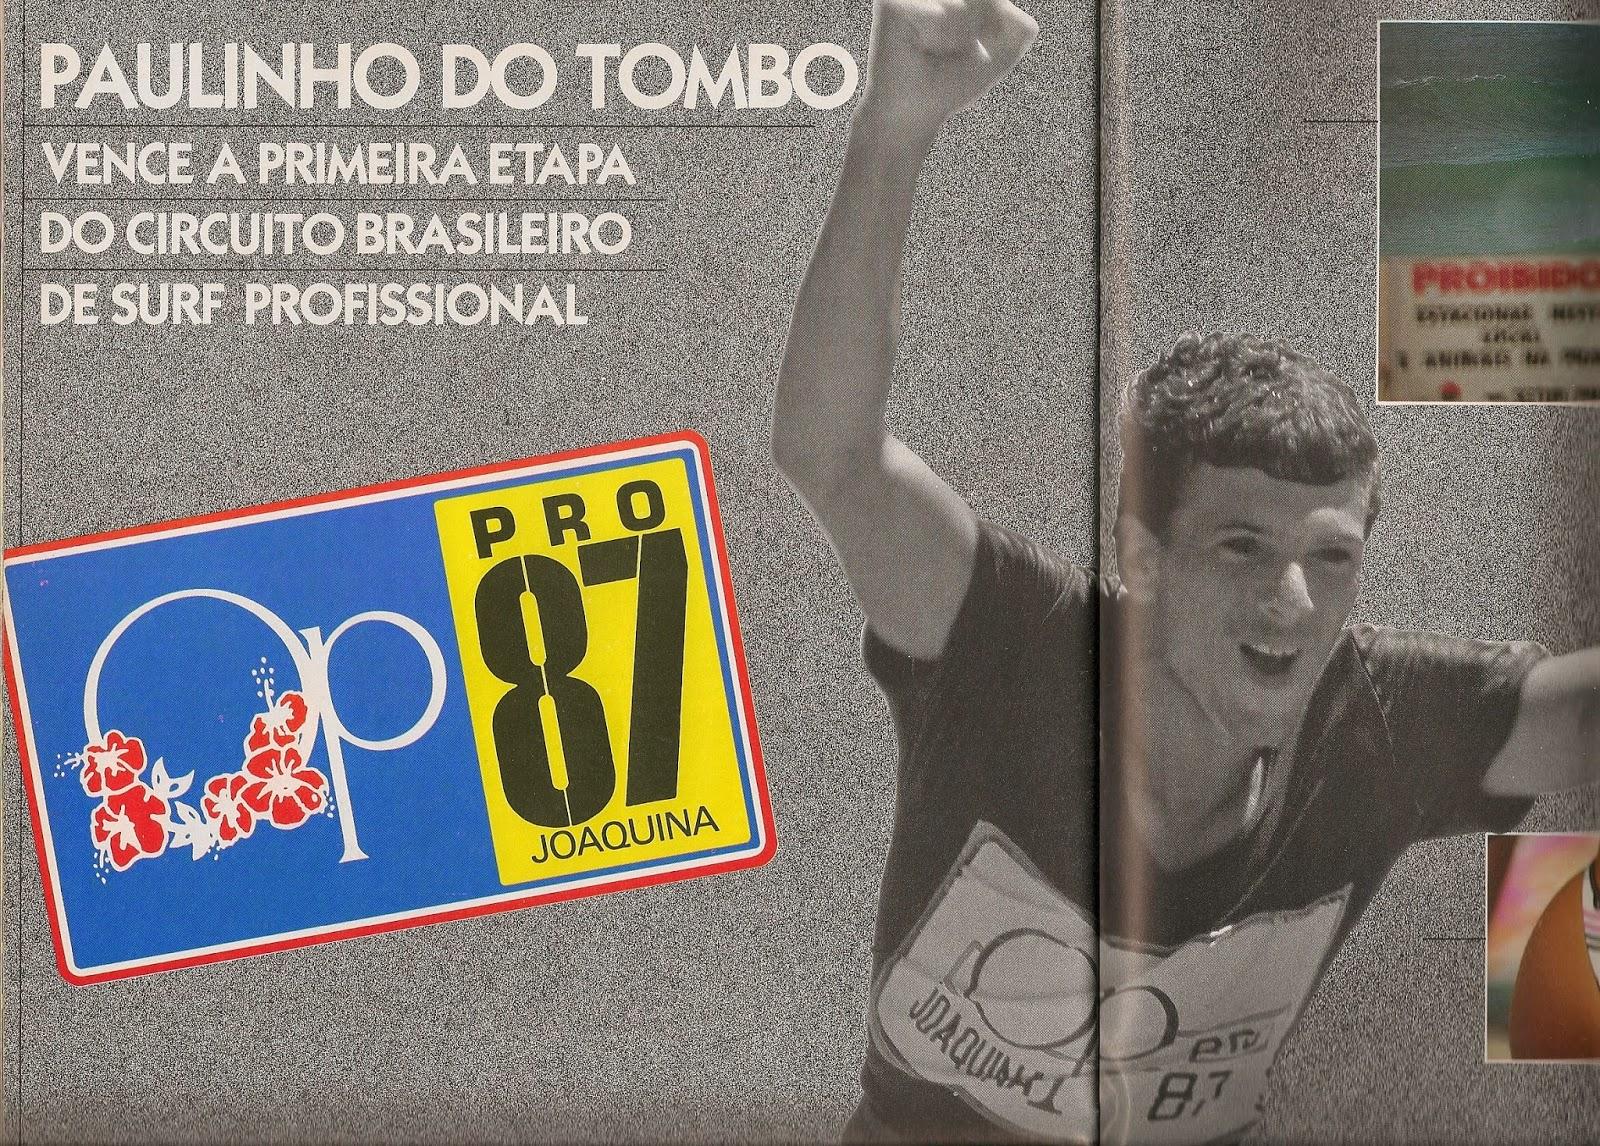 Paulinho do Tombo foi o primeiro campeão brasileiro em 1987. Fonte: Blog Dragão